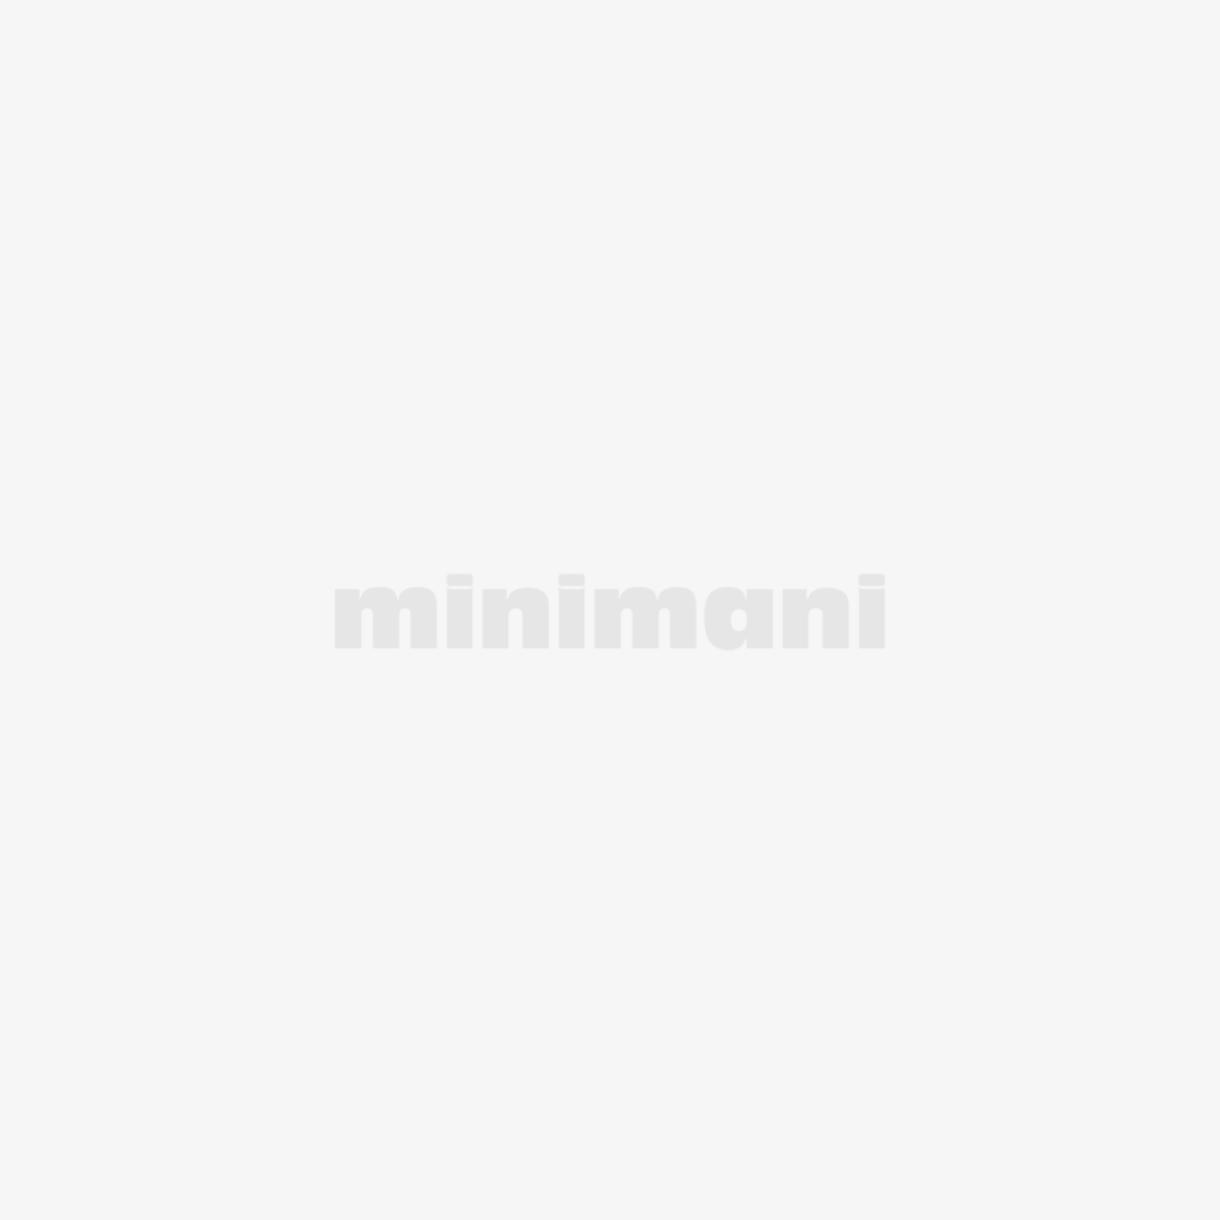 Vallila verhokappa 60x250cm, Forssa keltainen